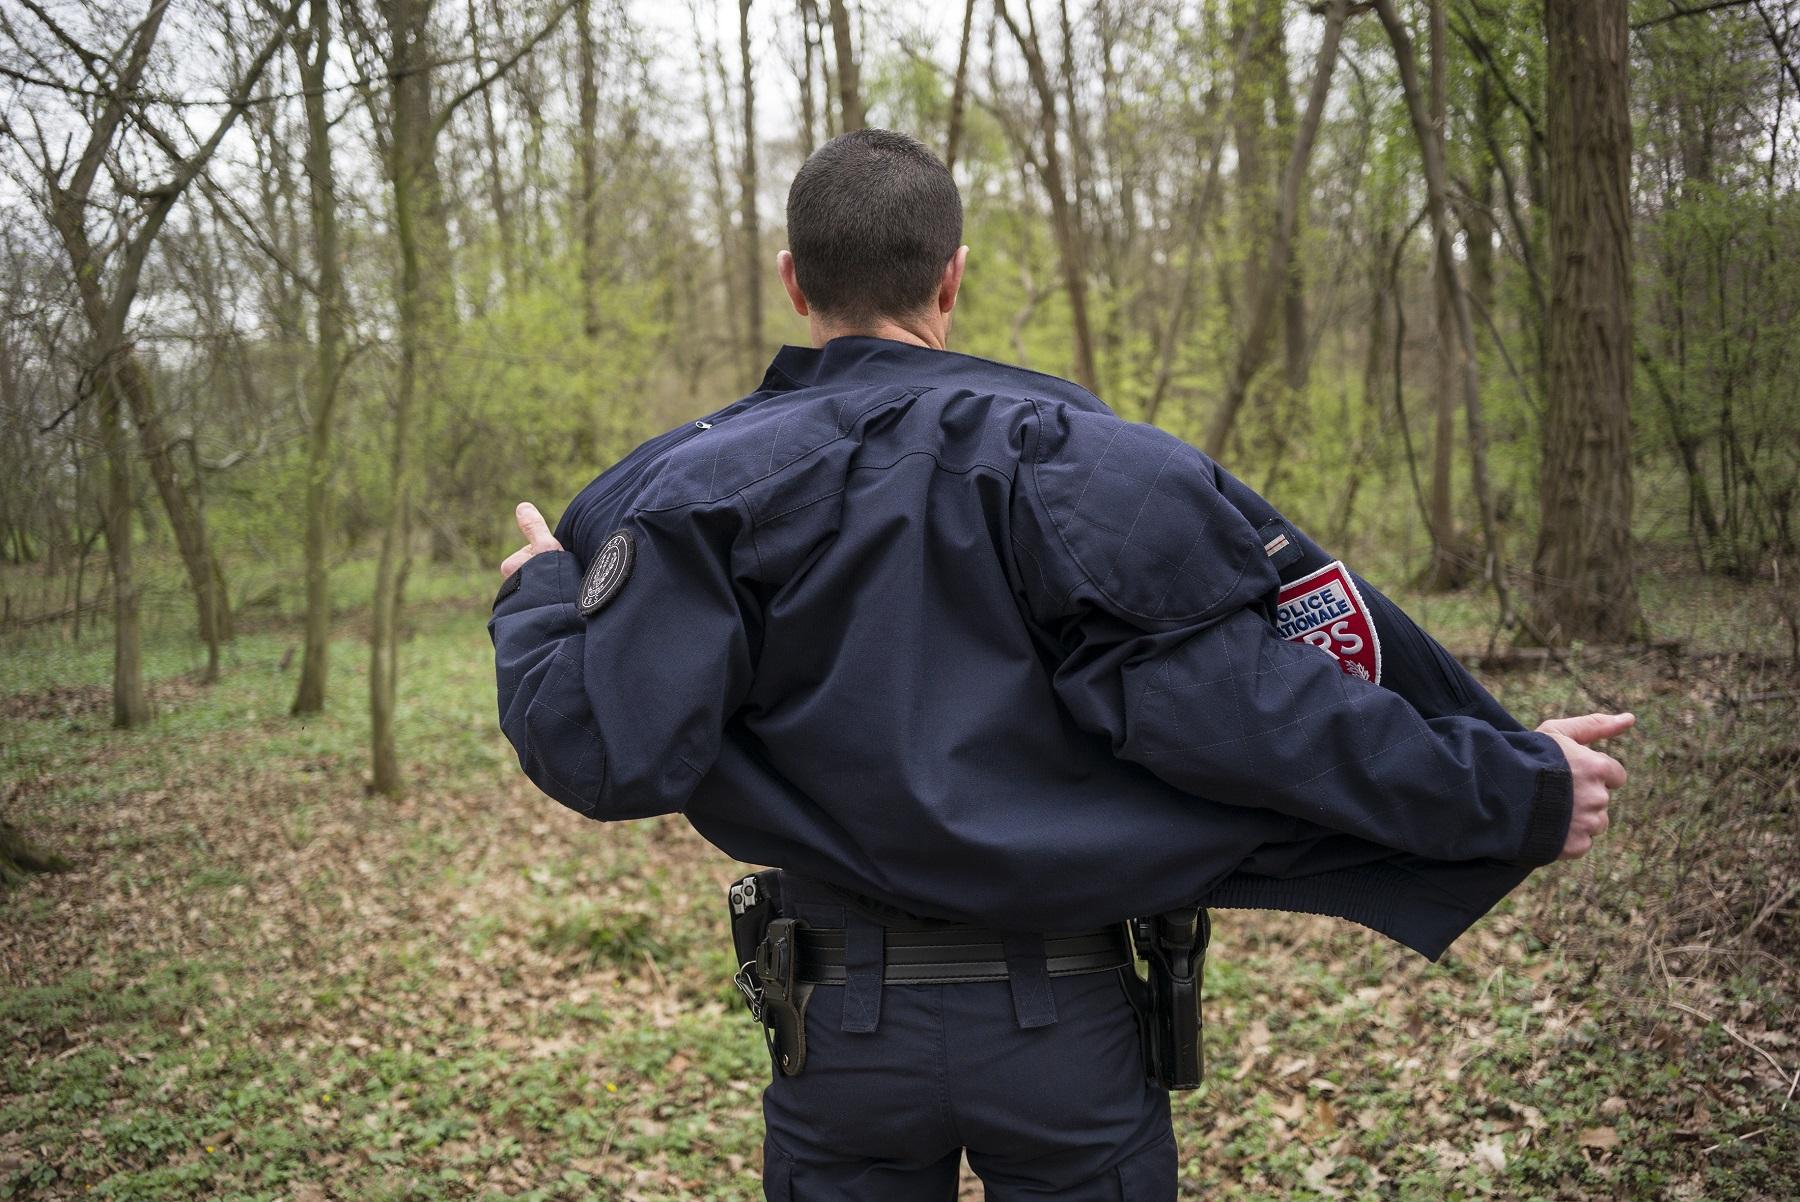 Comment la police a poussé le CRS Ménard au suicide